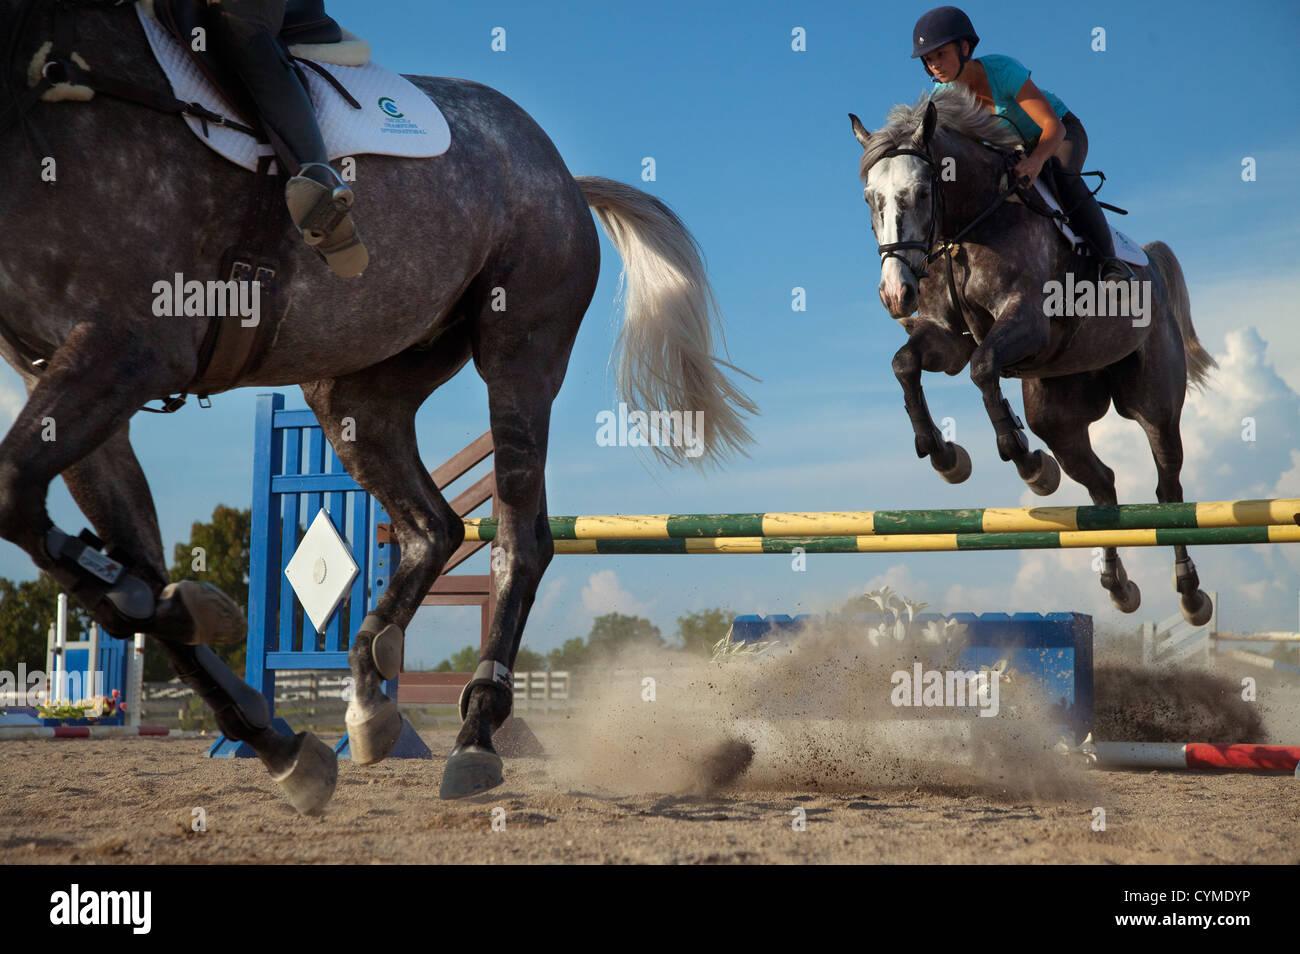 Un jinete obtiene airborne mientras practica para un evento ecuestre. Imagen De Stock